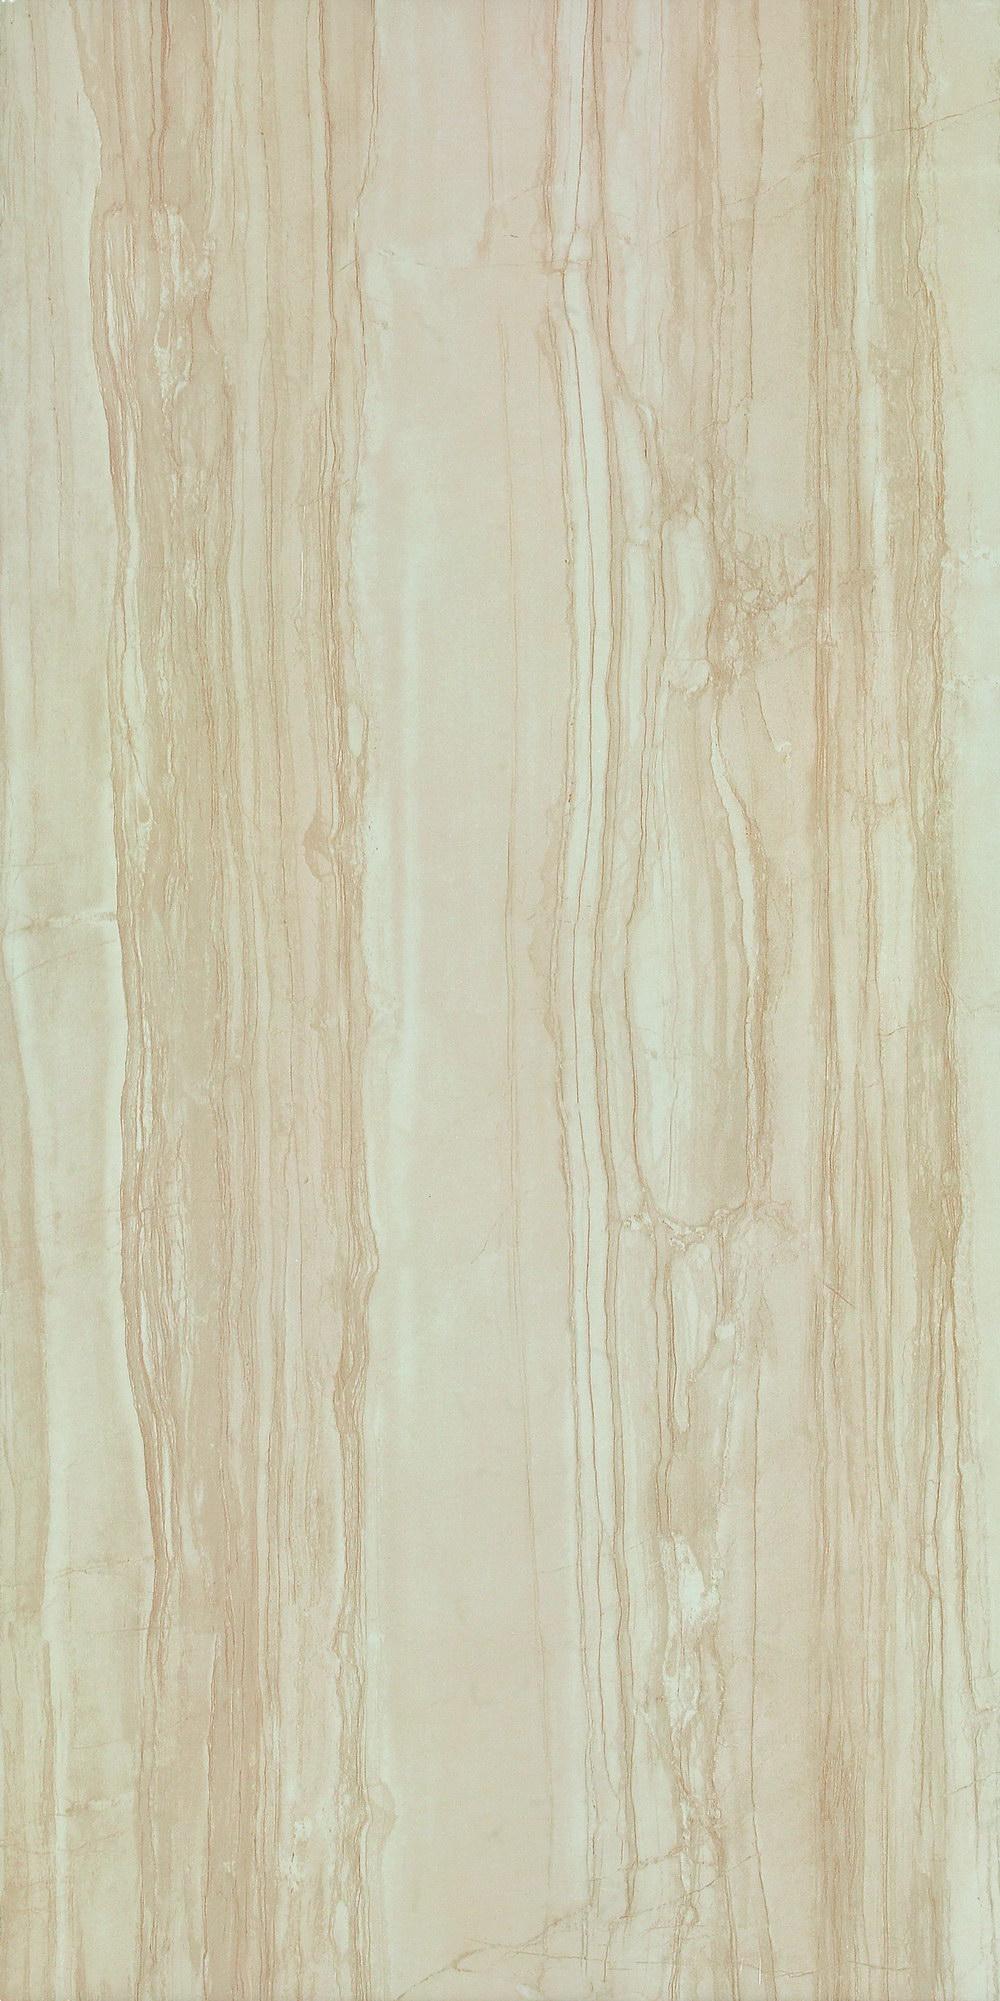 雅典木纹(浅)HPG84073(800x400mm)